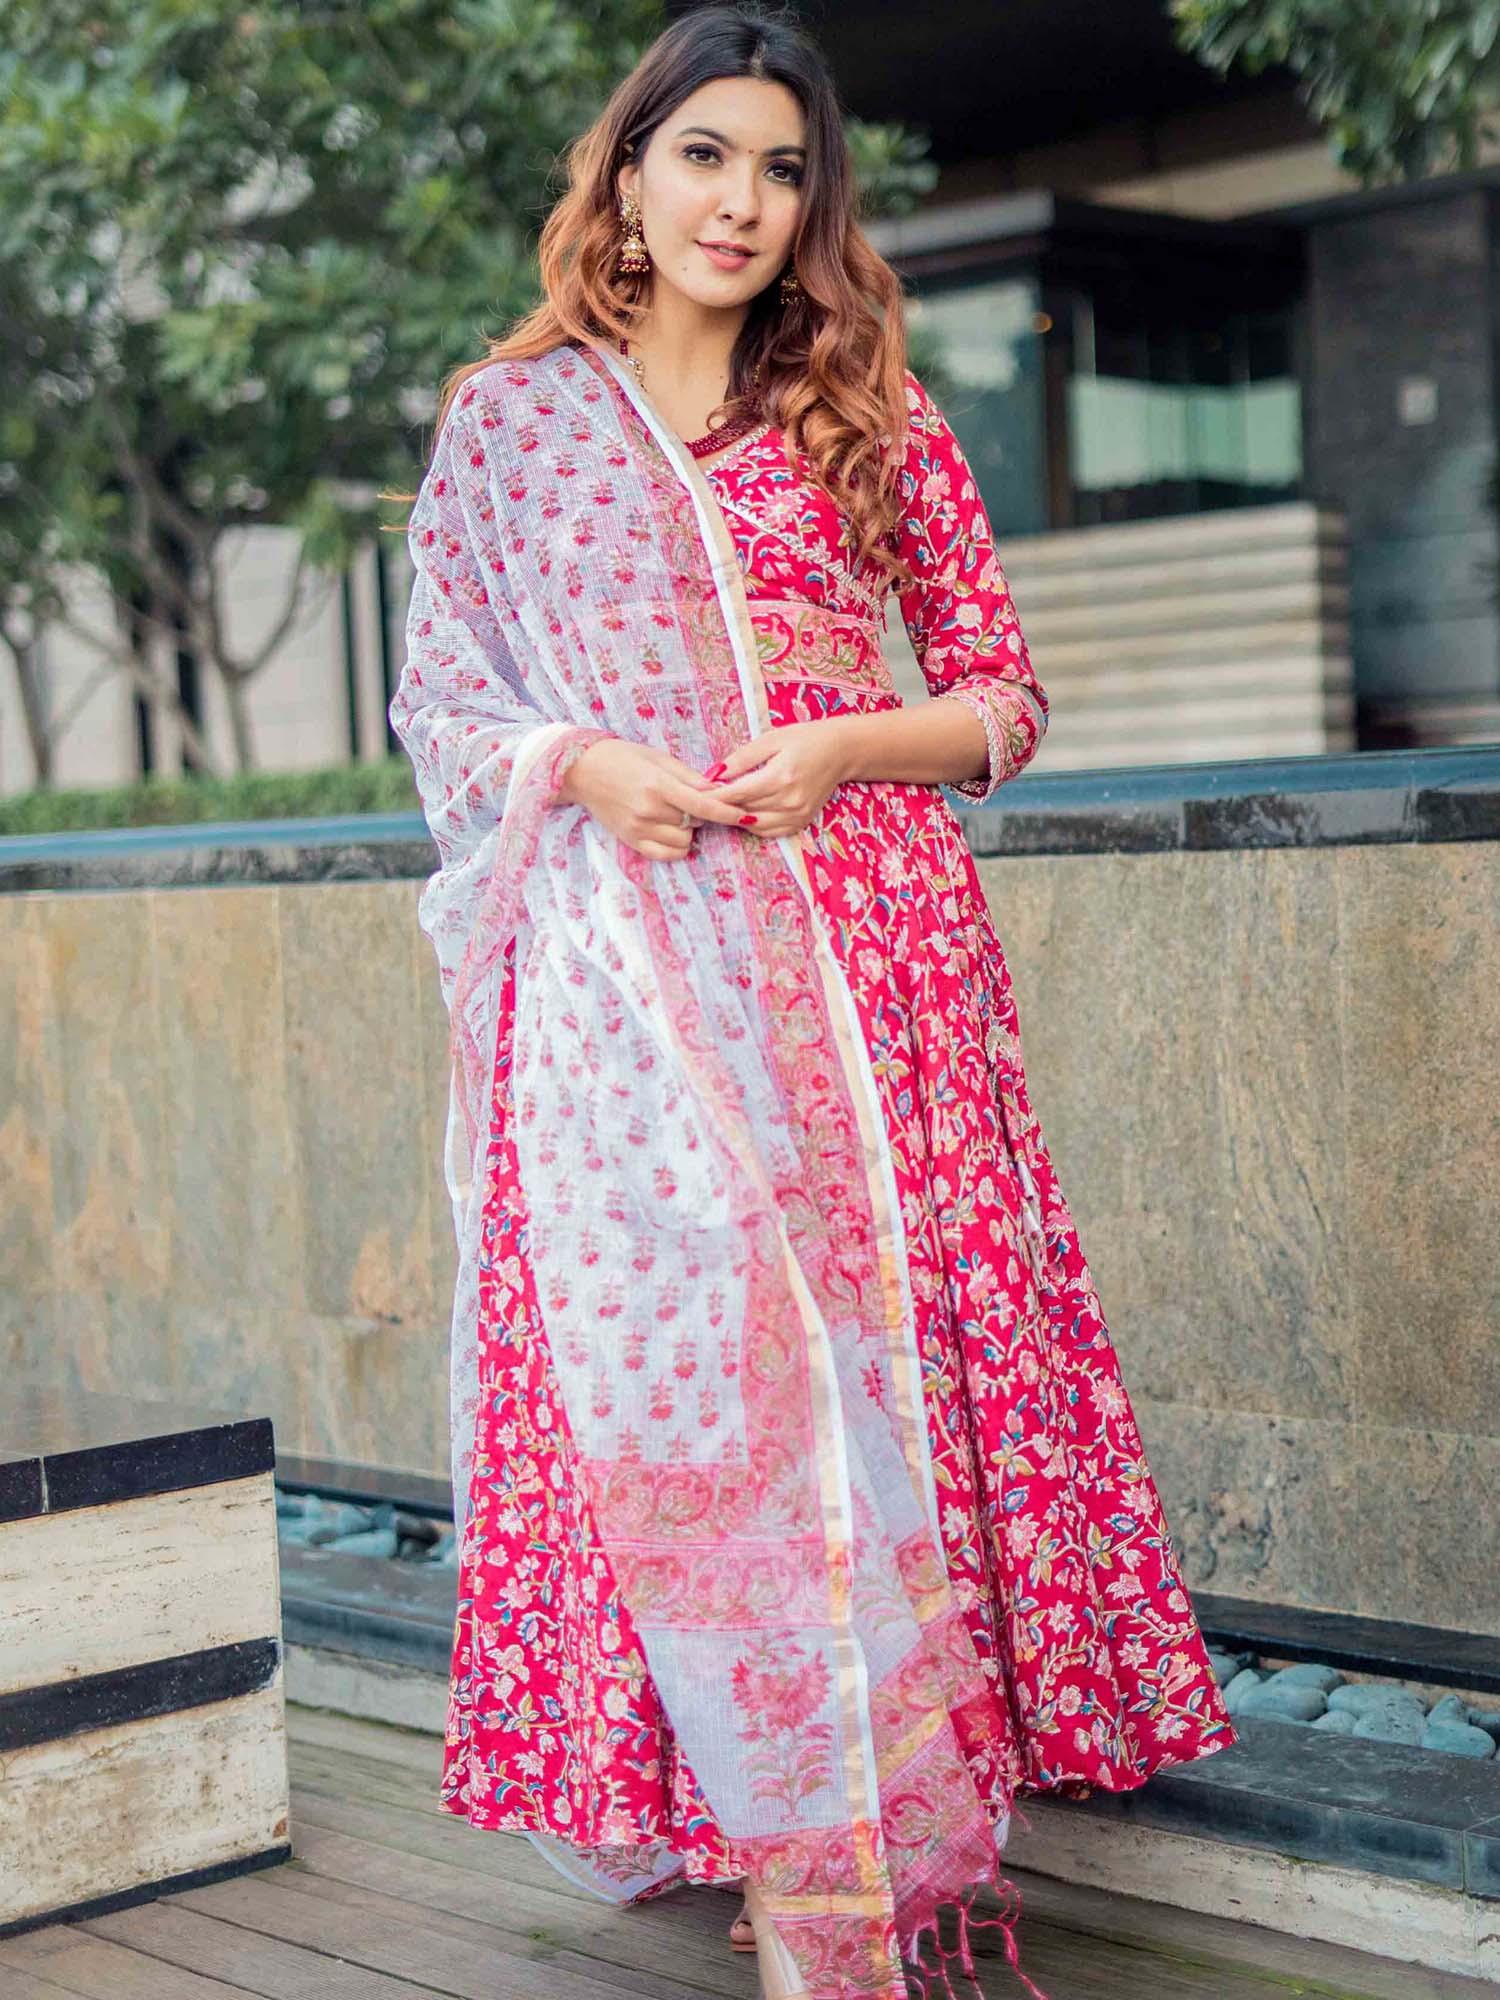 Ethnic Wear Online Buy Latest Ethnic Wear For Women From Best Designs Nykaa Fashion